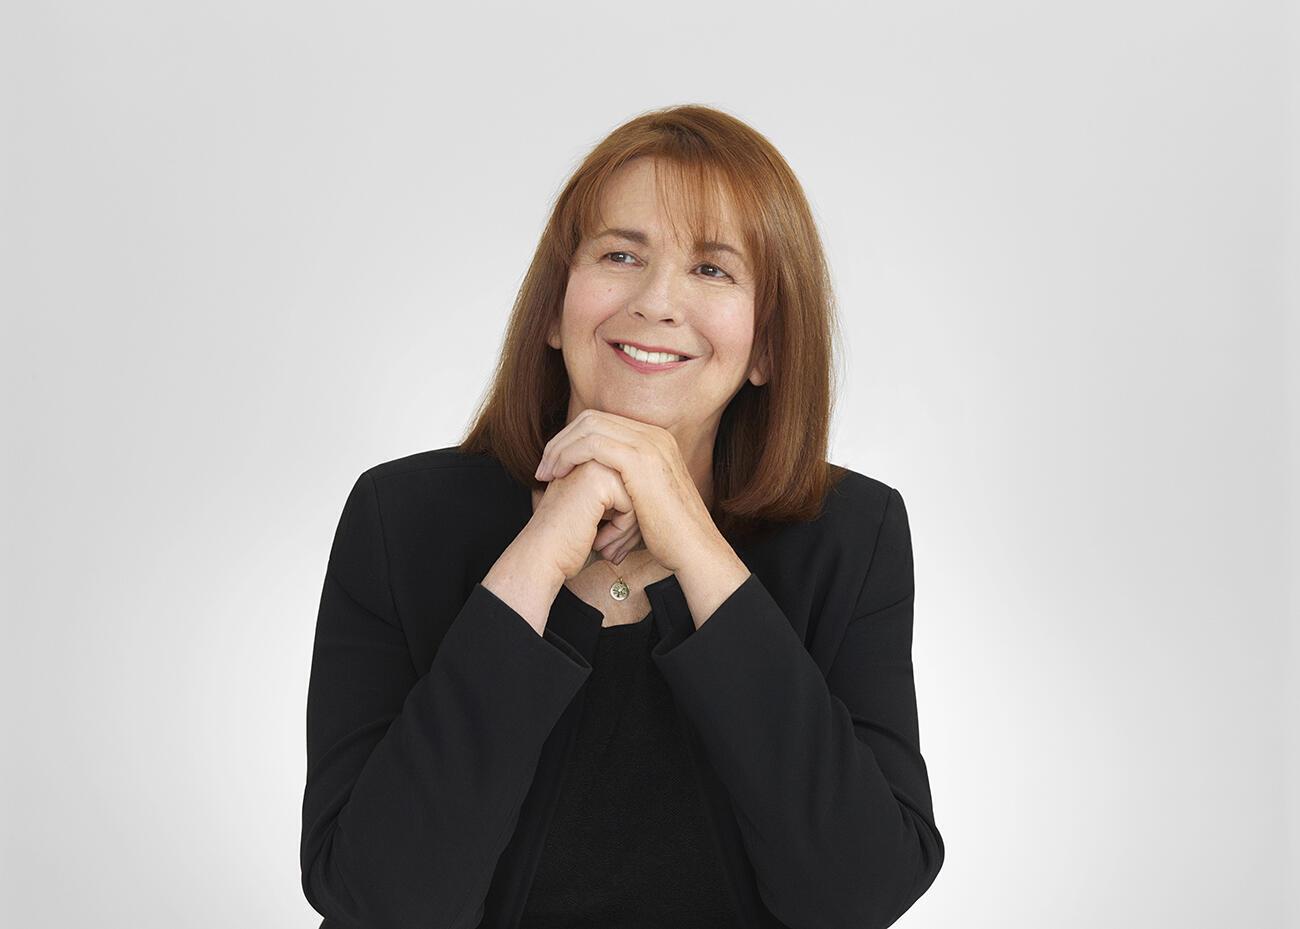 La astrónoma chilena Maria Teresa Ruiz, premio 2017 For Women in Science otorgado por L'Oréal-Unesco.